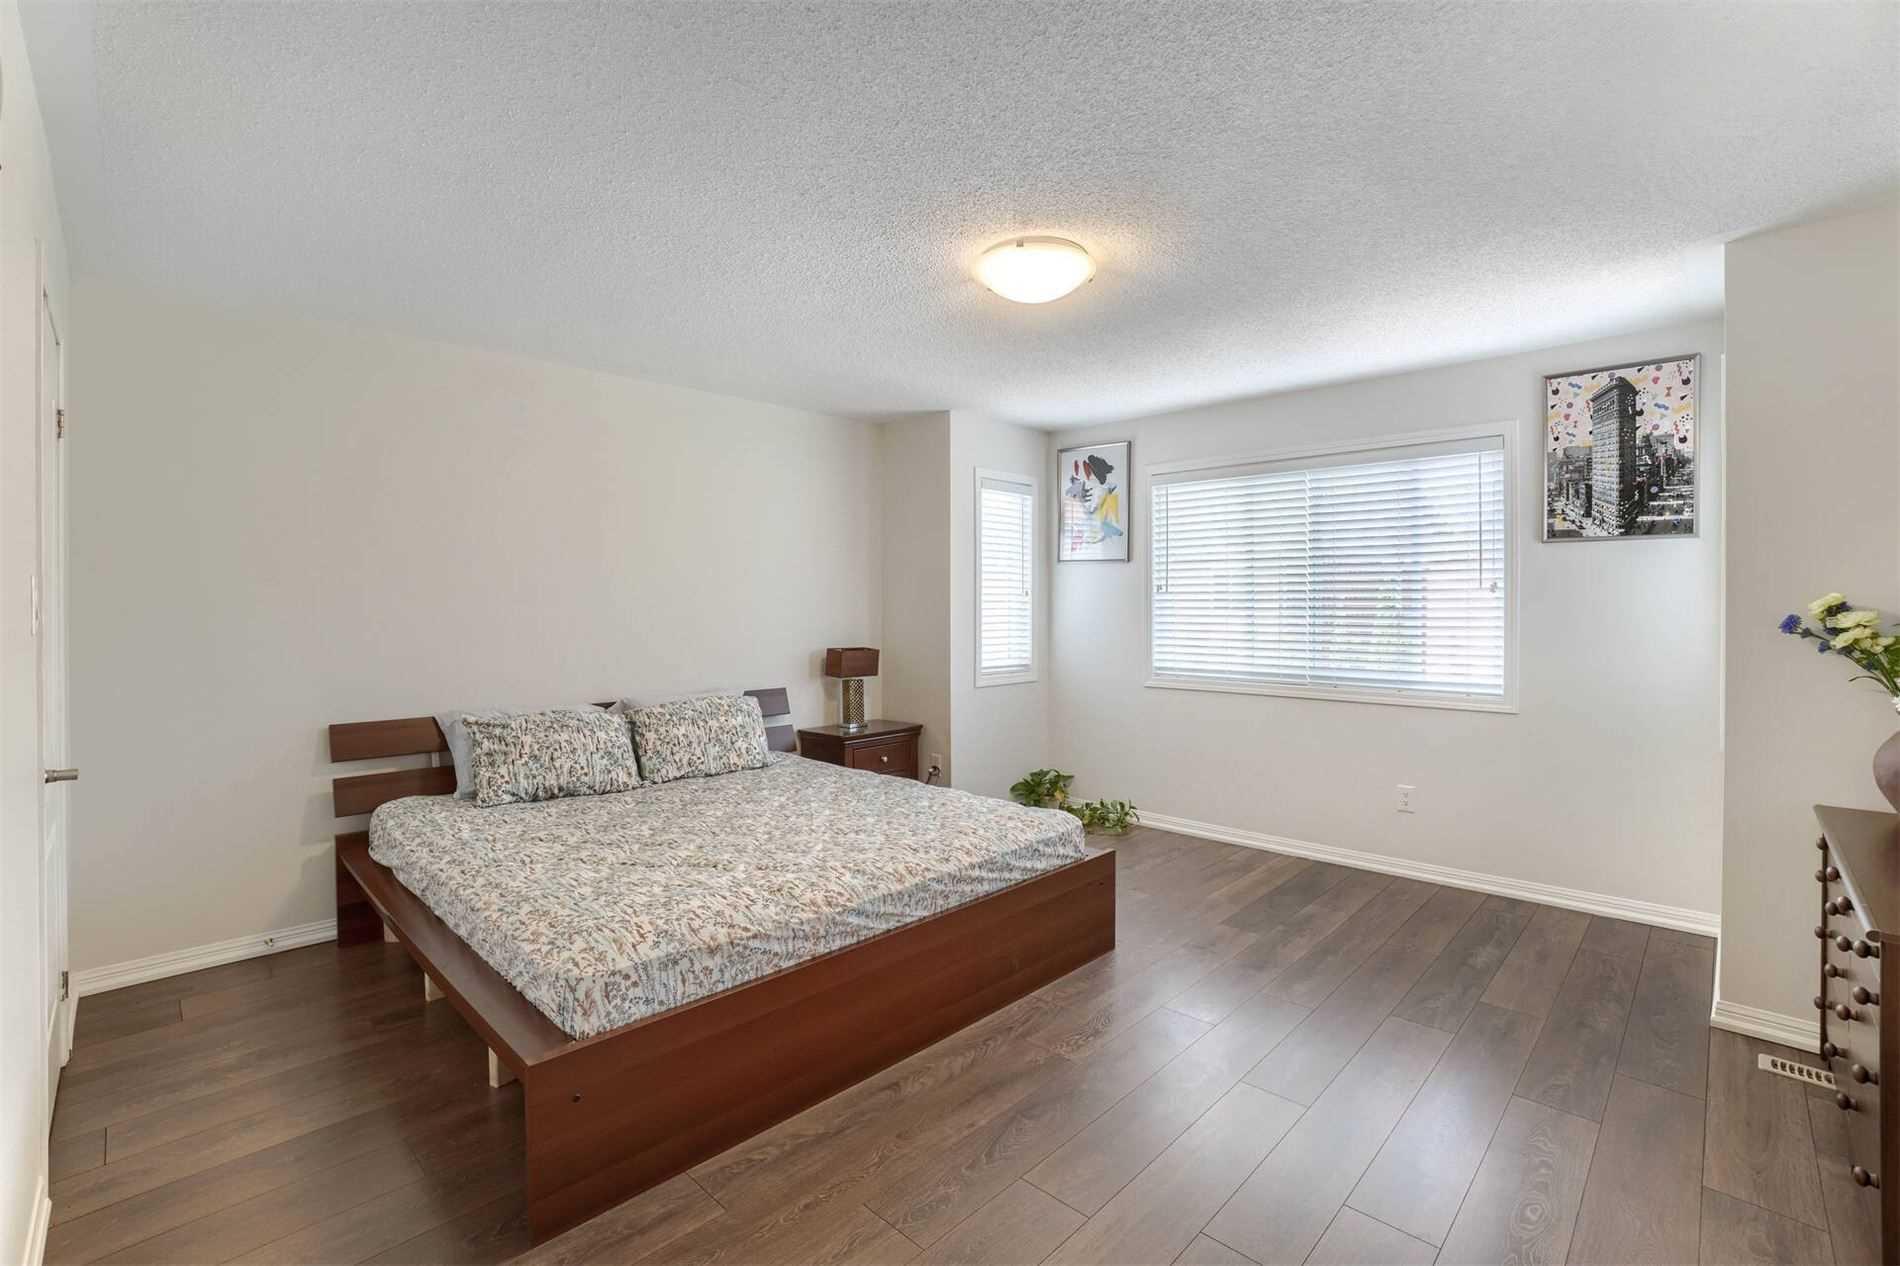 909 Hepburn Rd - Coates Detached for sale, 4 Bedrooms (W5398610) - #20